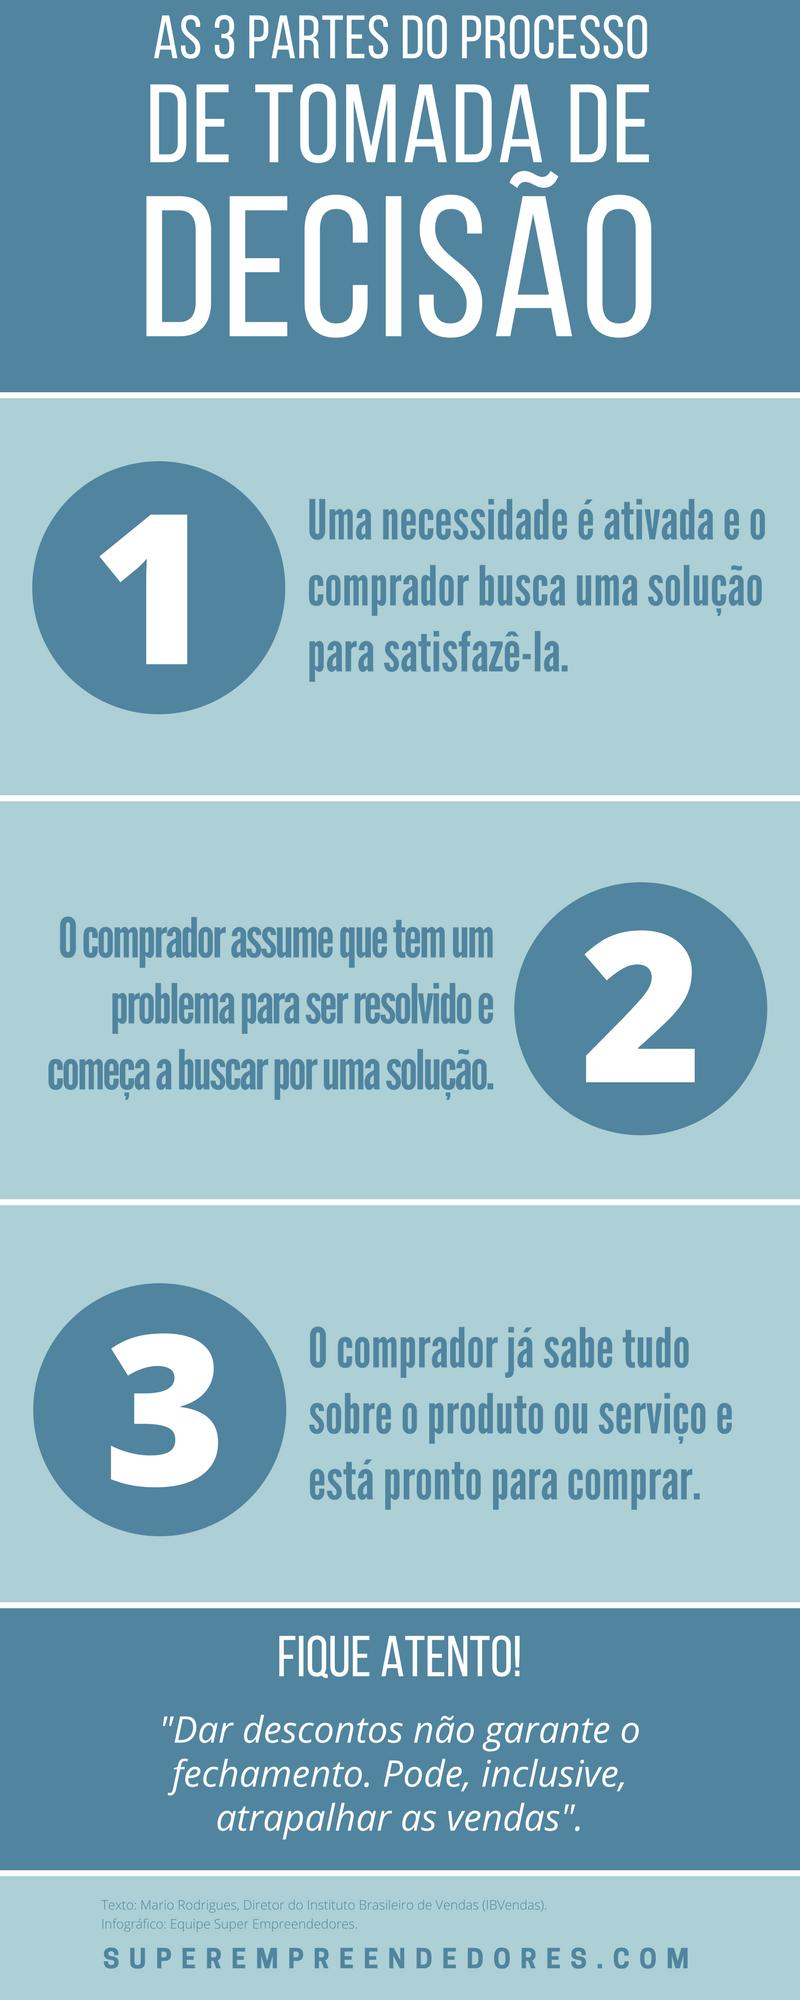 Infografico - Como Vender Qualquer Produto ou Servico Sem Dar Desconto